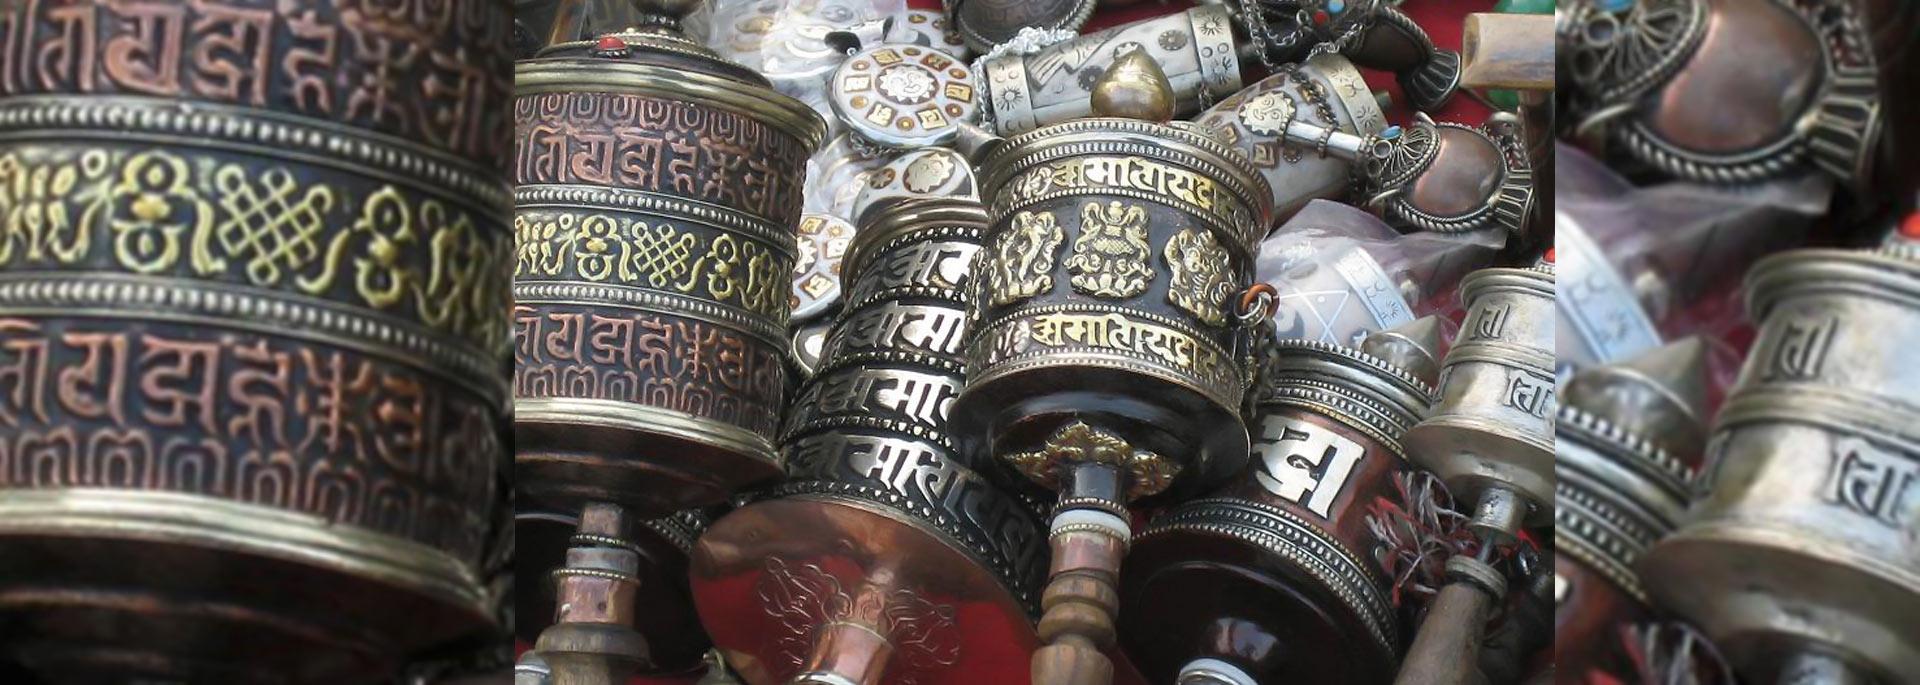 Fotos: Kathmandu und die Spitzen des Himalaya